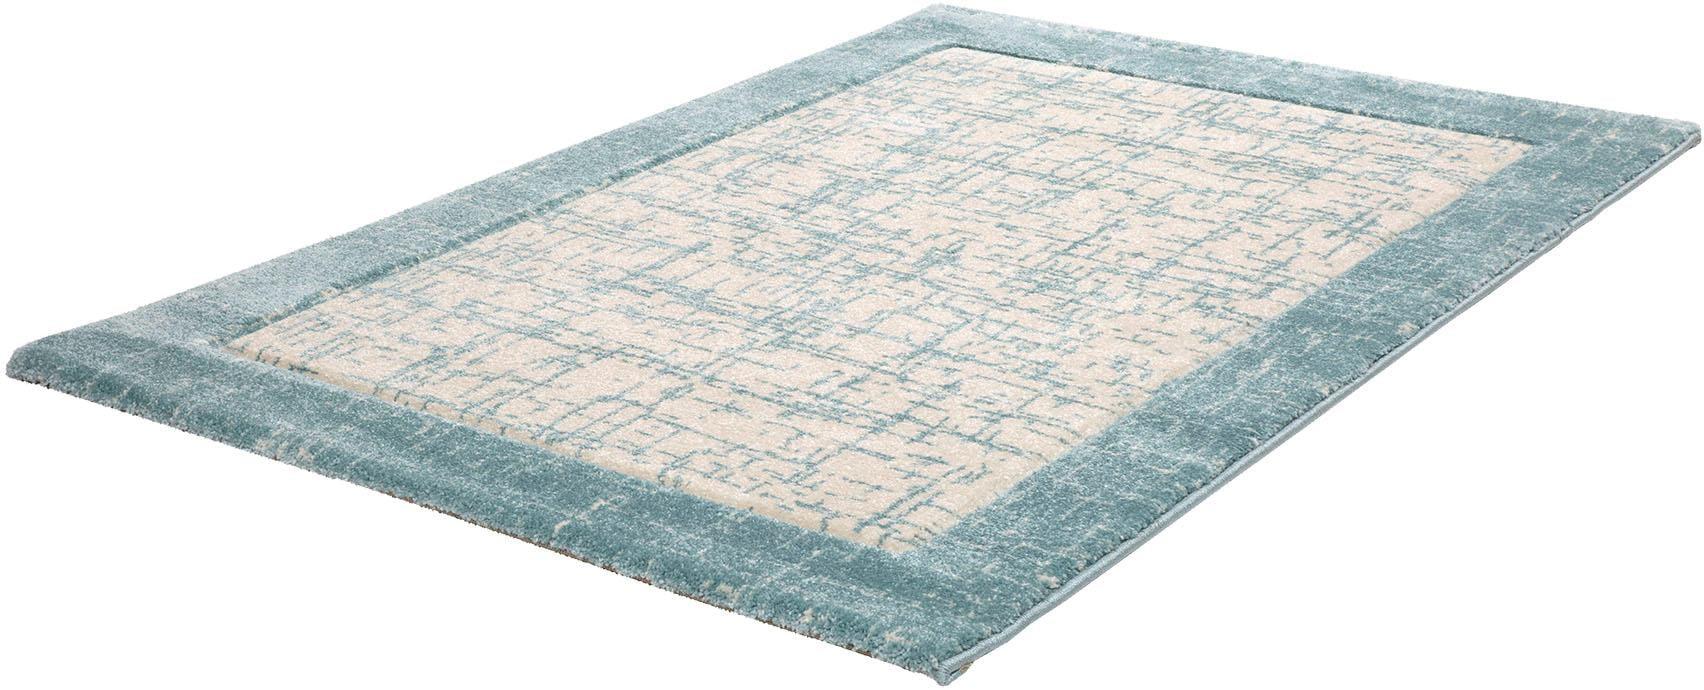 Teppich My Hampton 711 Obsession rechteckig Höhe 25 mm maschinell gewebt